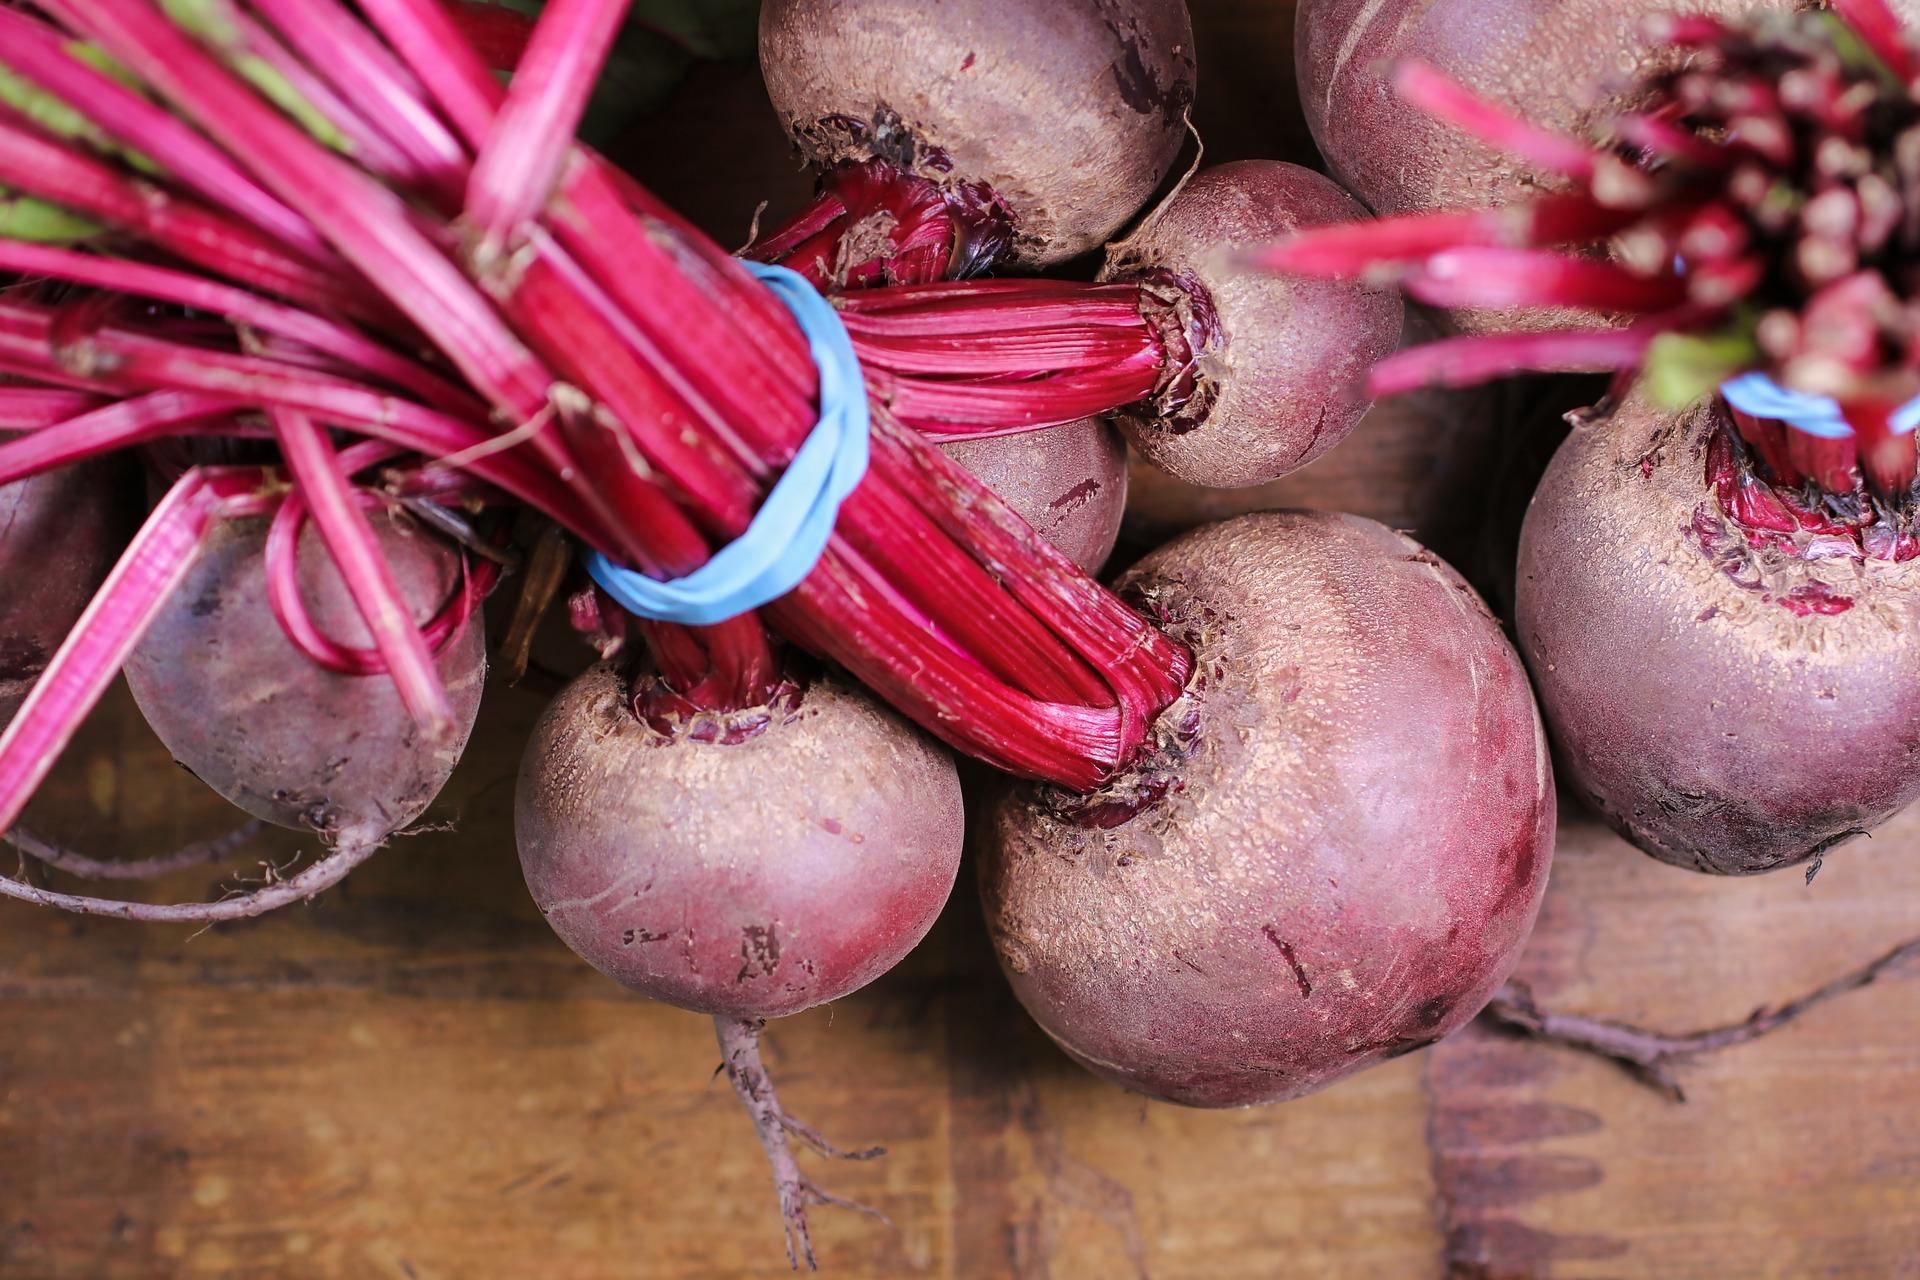 За рік овочі борщового набору подешевшали майже на третину